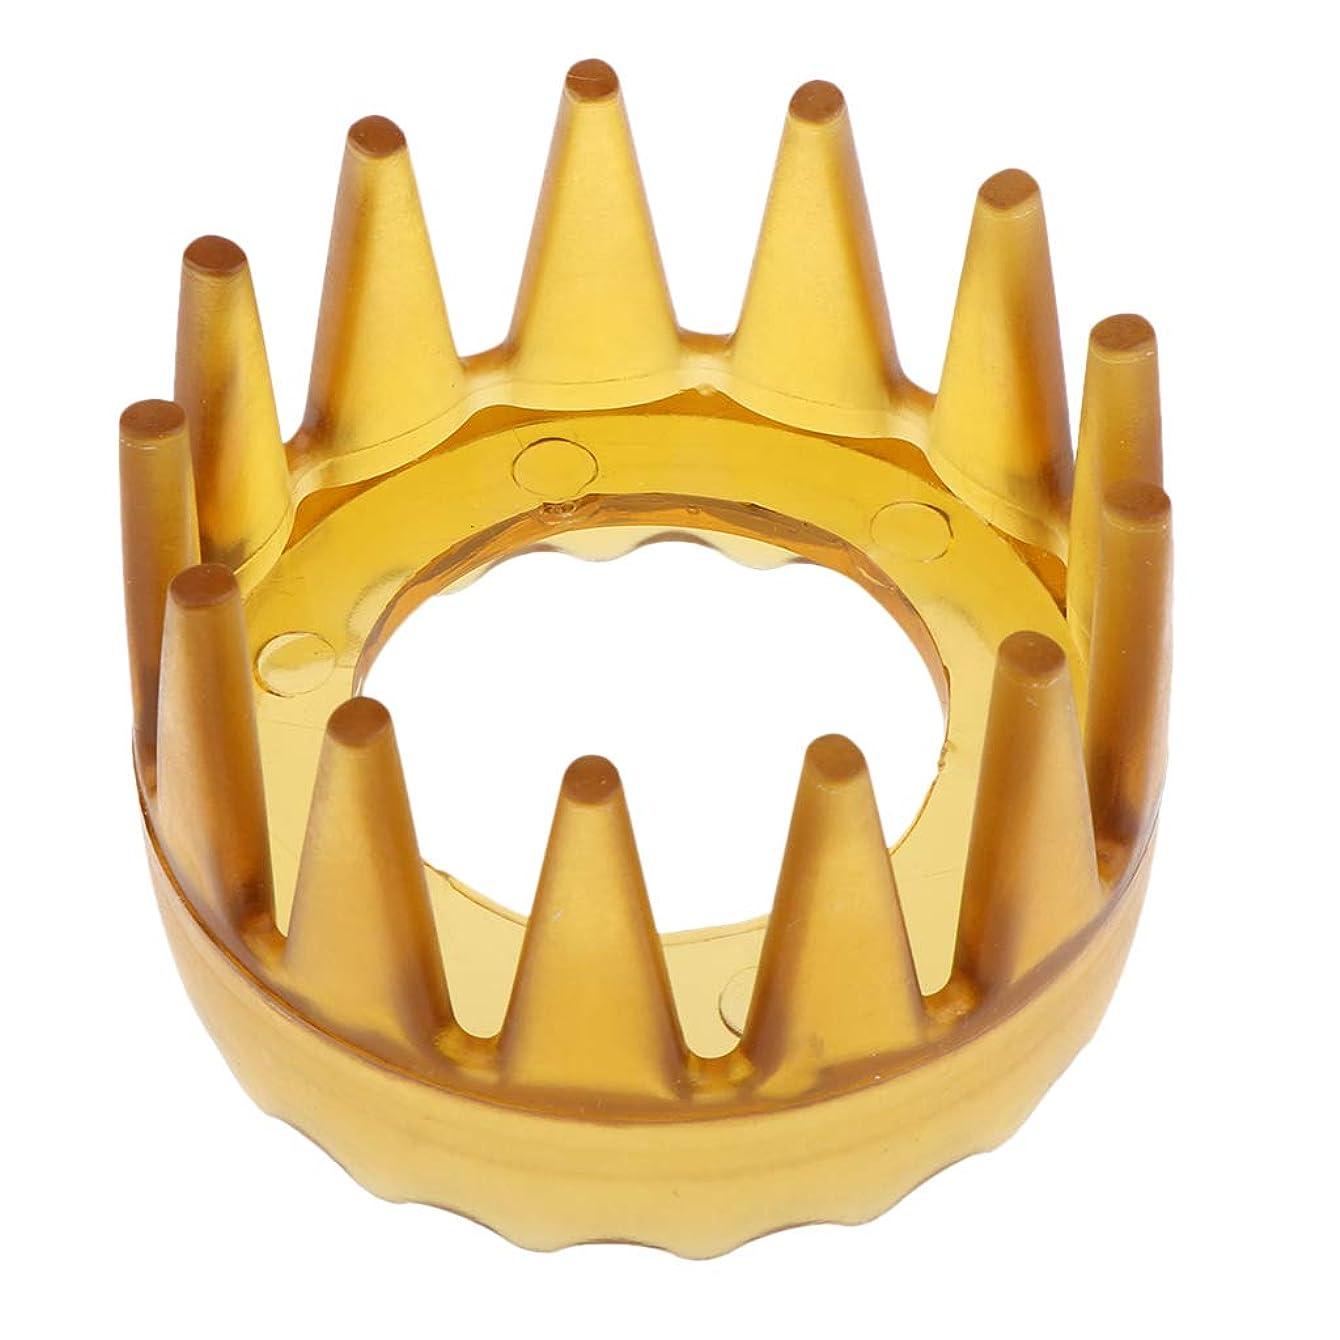 韓国語指令放課後F Fityle ヘアケアブラシ 頭皮マッサージ 滑り止め 櫛 くし 4色選べ - 黄